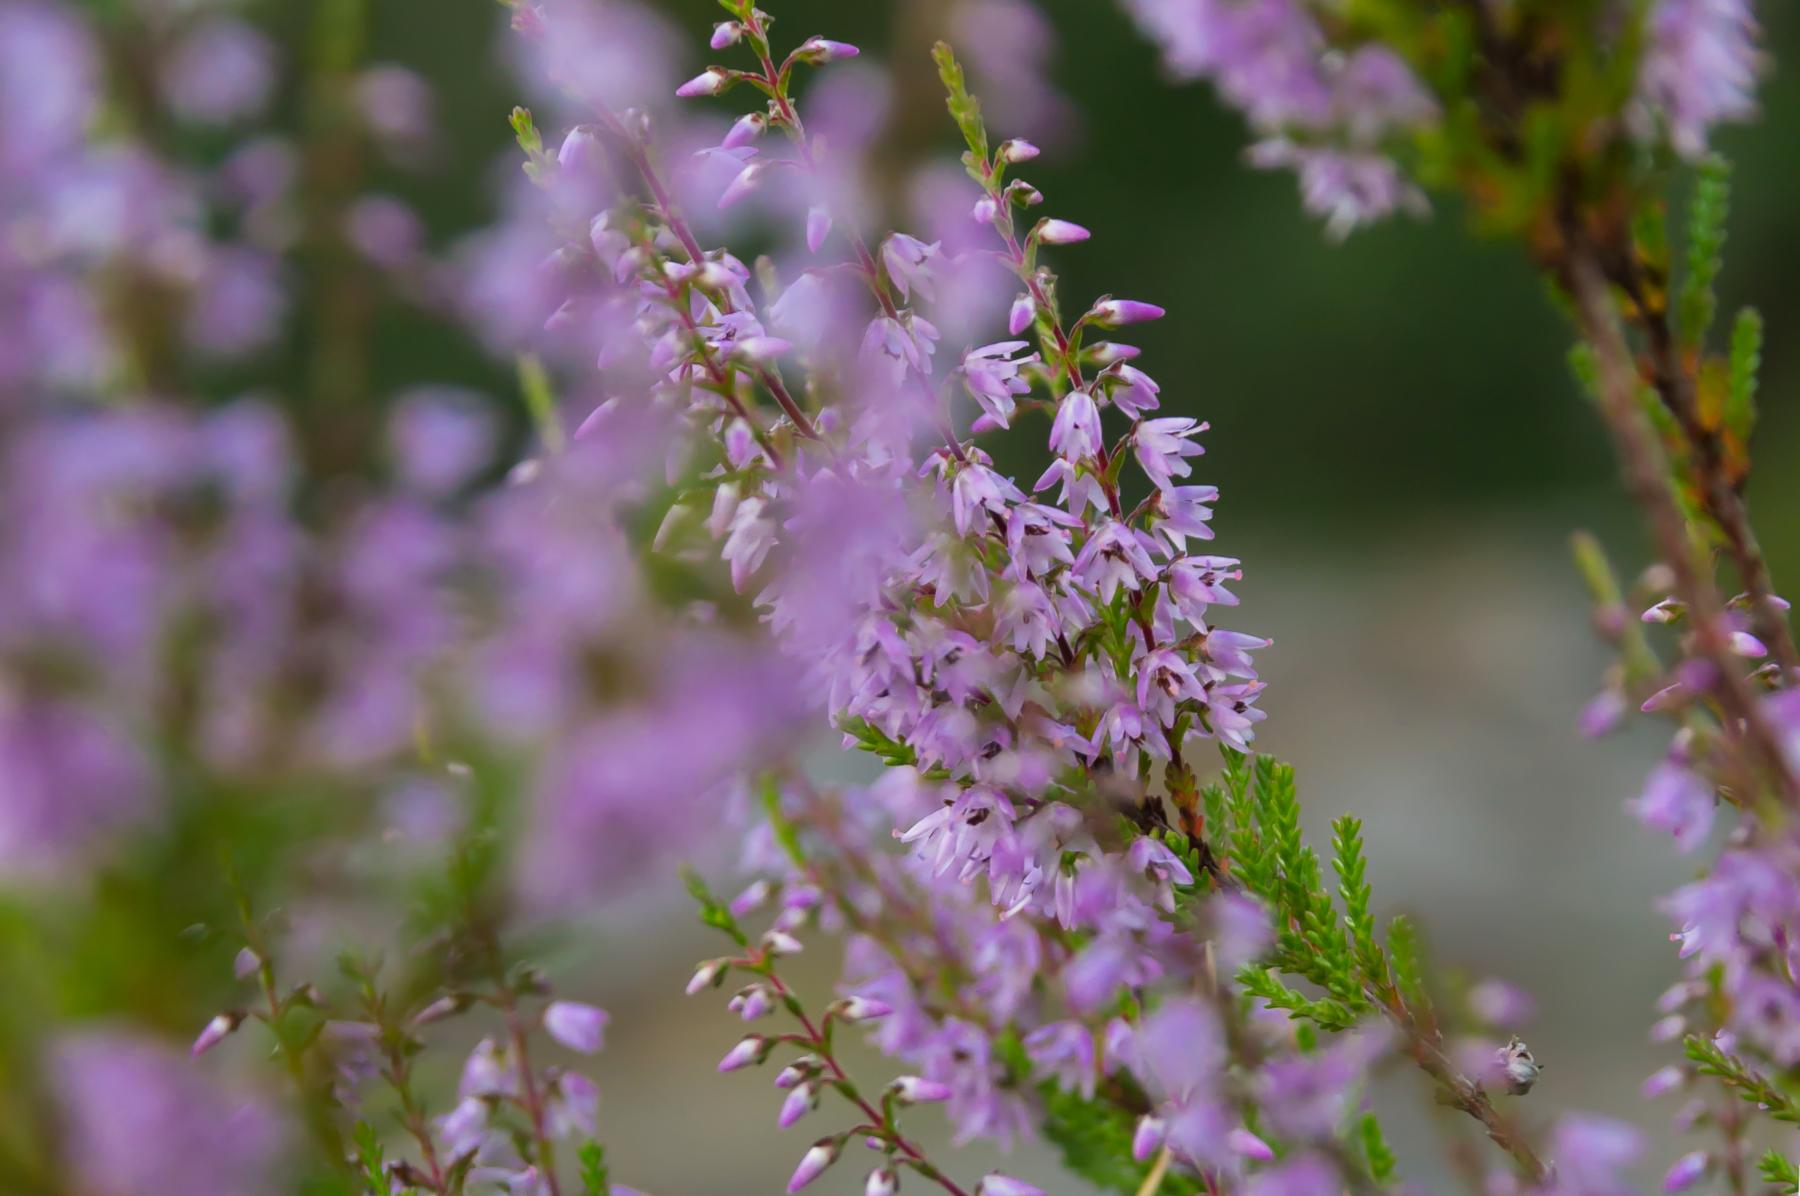 Flower_plant_depth of field_purple